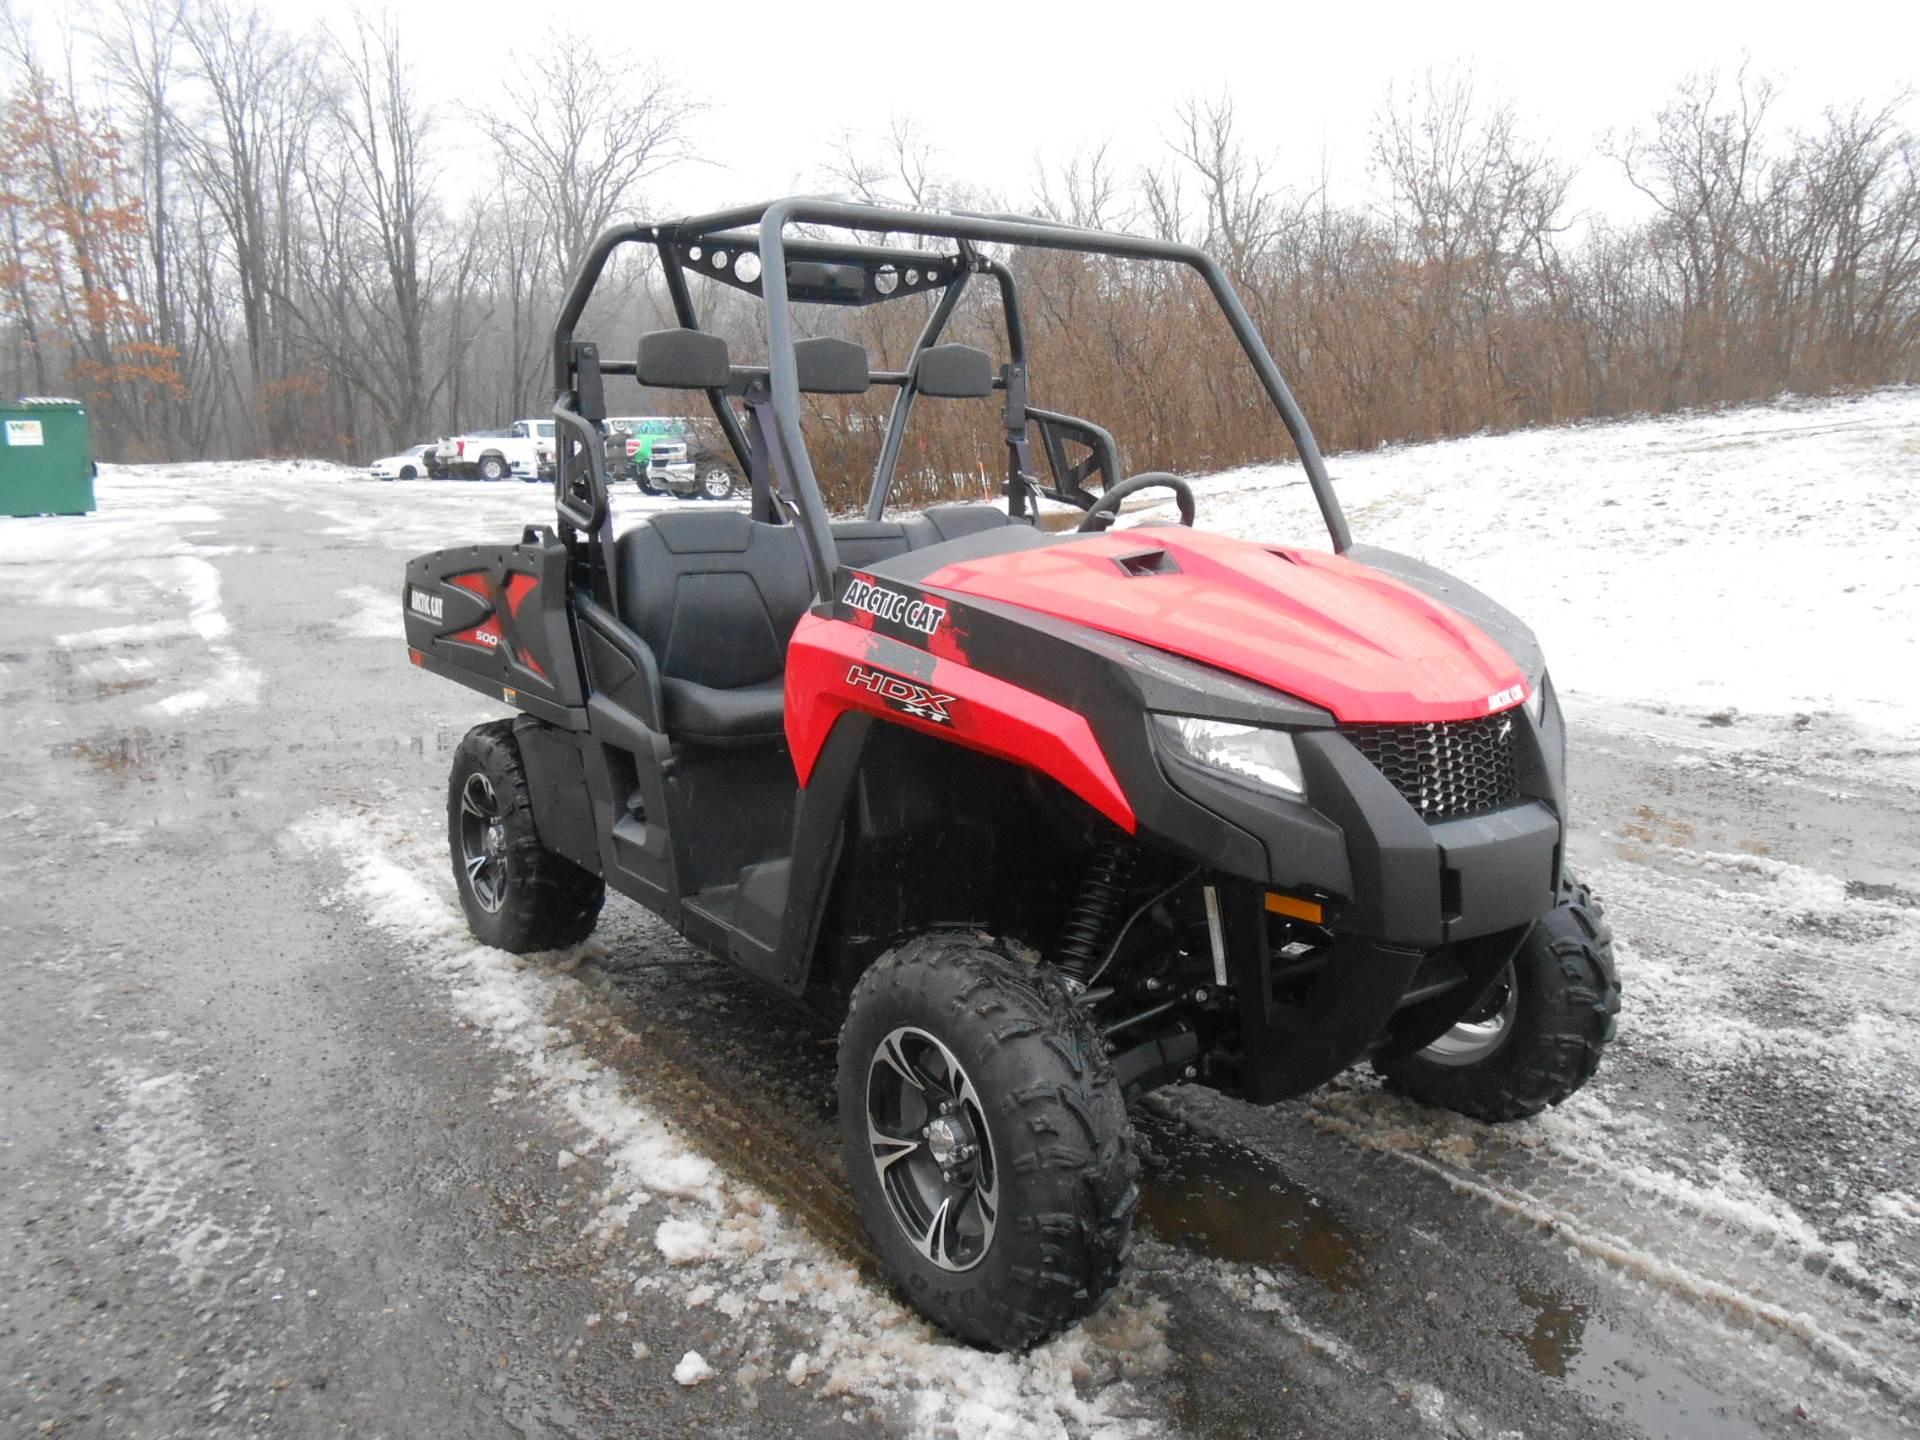 2016 HDX 500 XT